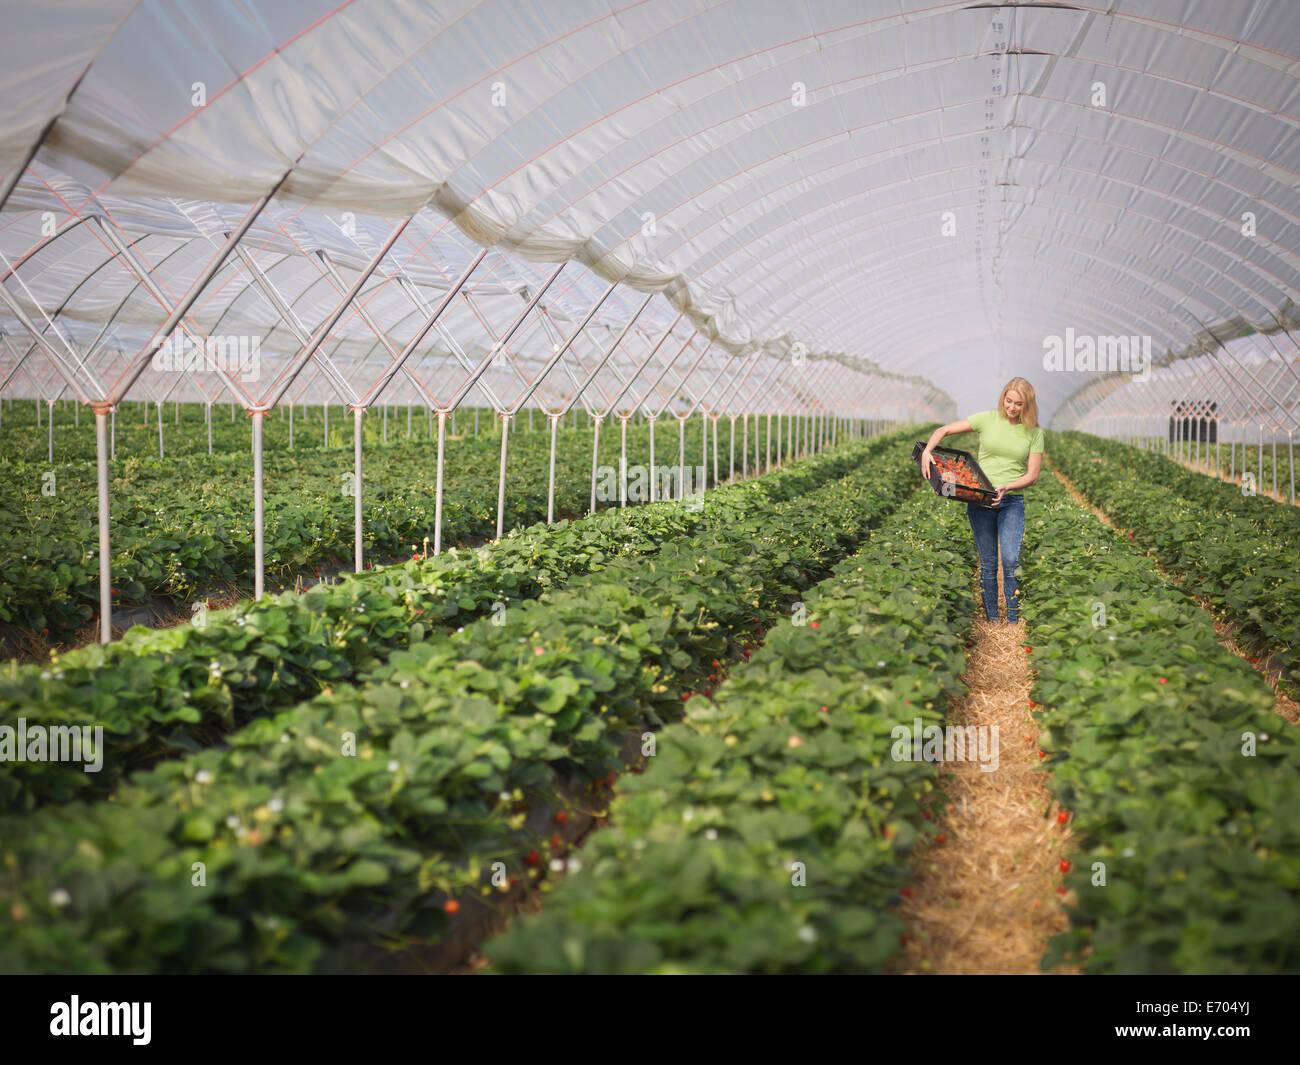 Recogiendo fresas en polytunnel trabajador de granja de frutas Imagen De Stock